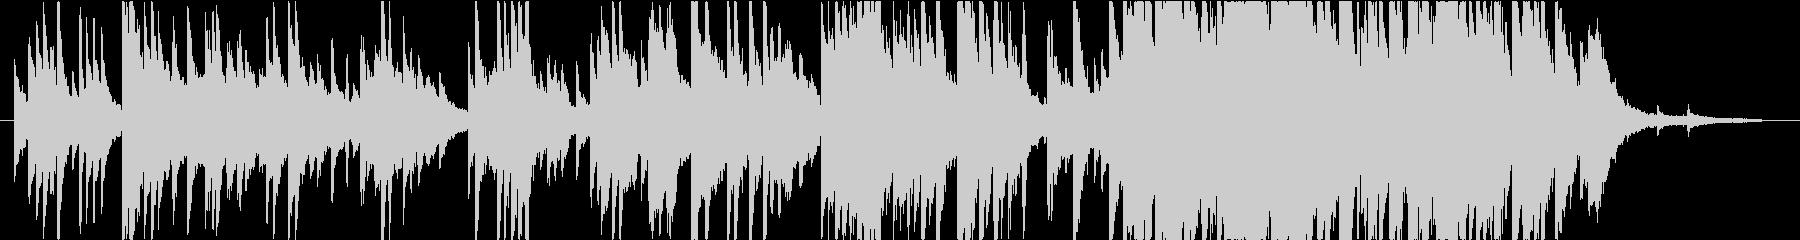 ピアノソロ曲の未再生の波形